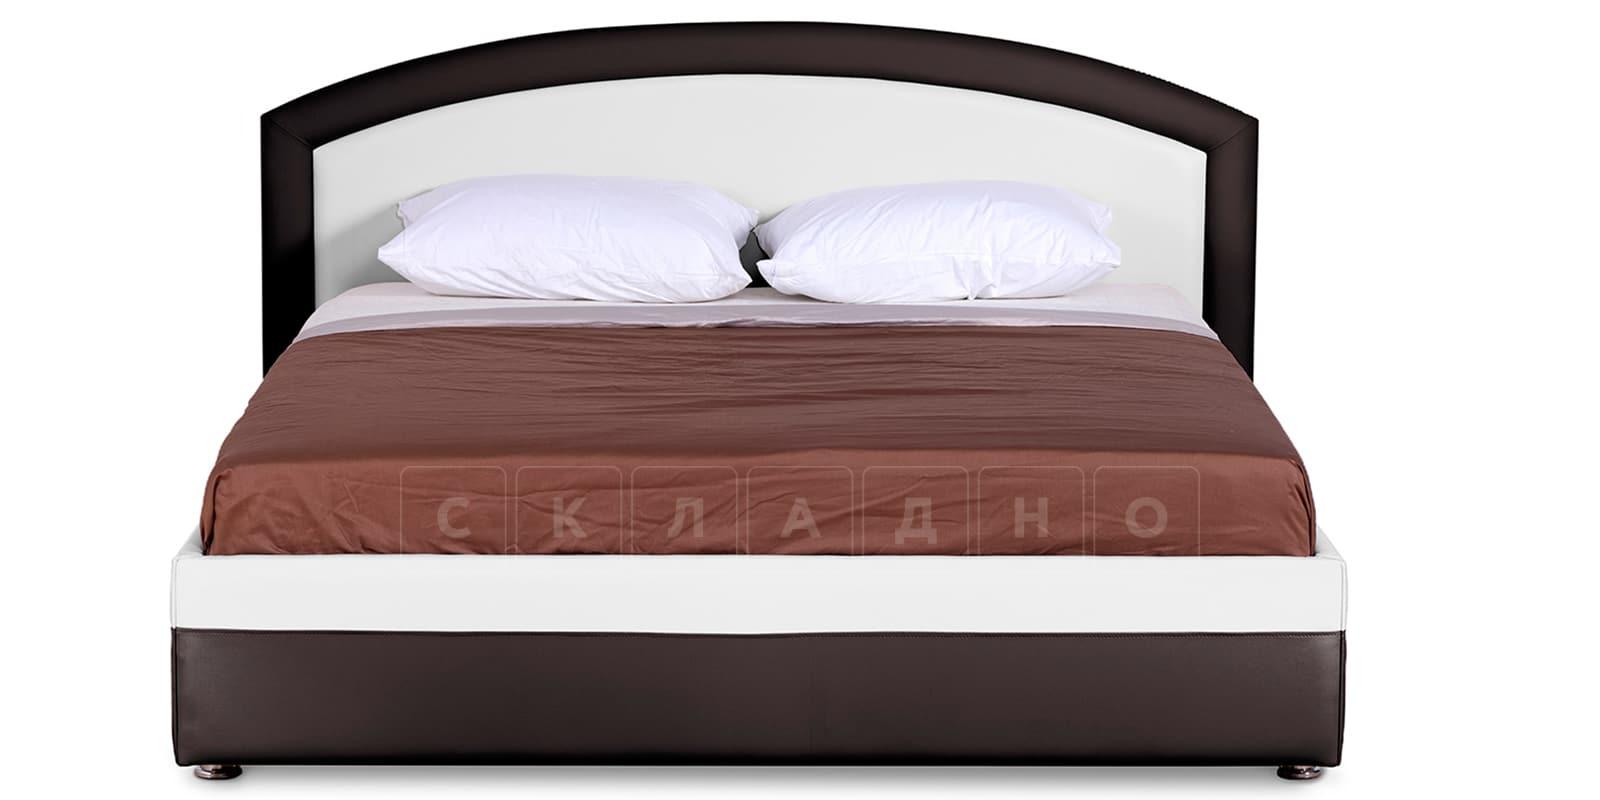 Мягкая кровать Малибу 160см экокожа белый-шоколад вариант 8-2 фото 3   интернет-магазин Складно